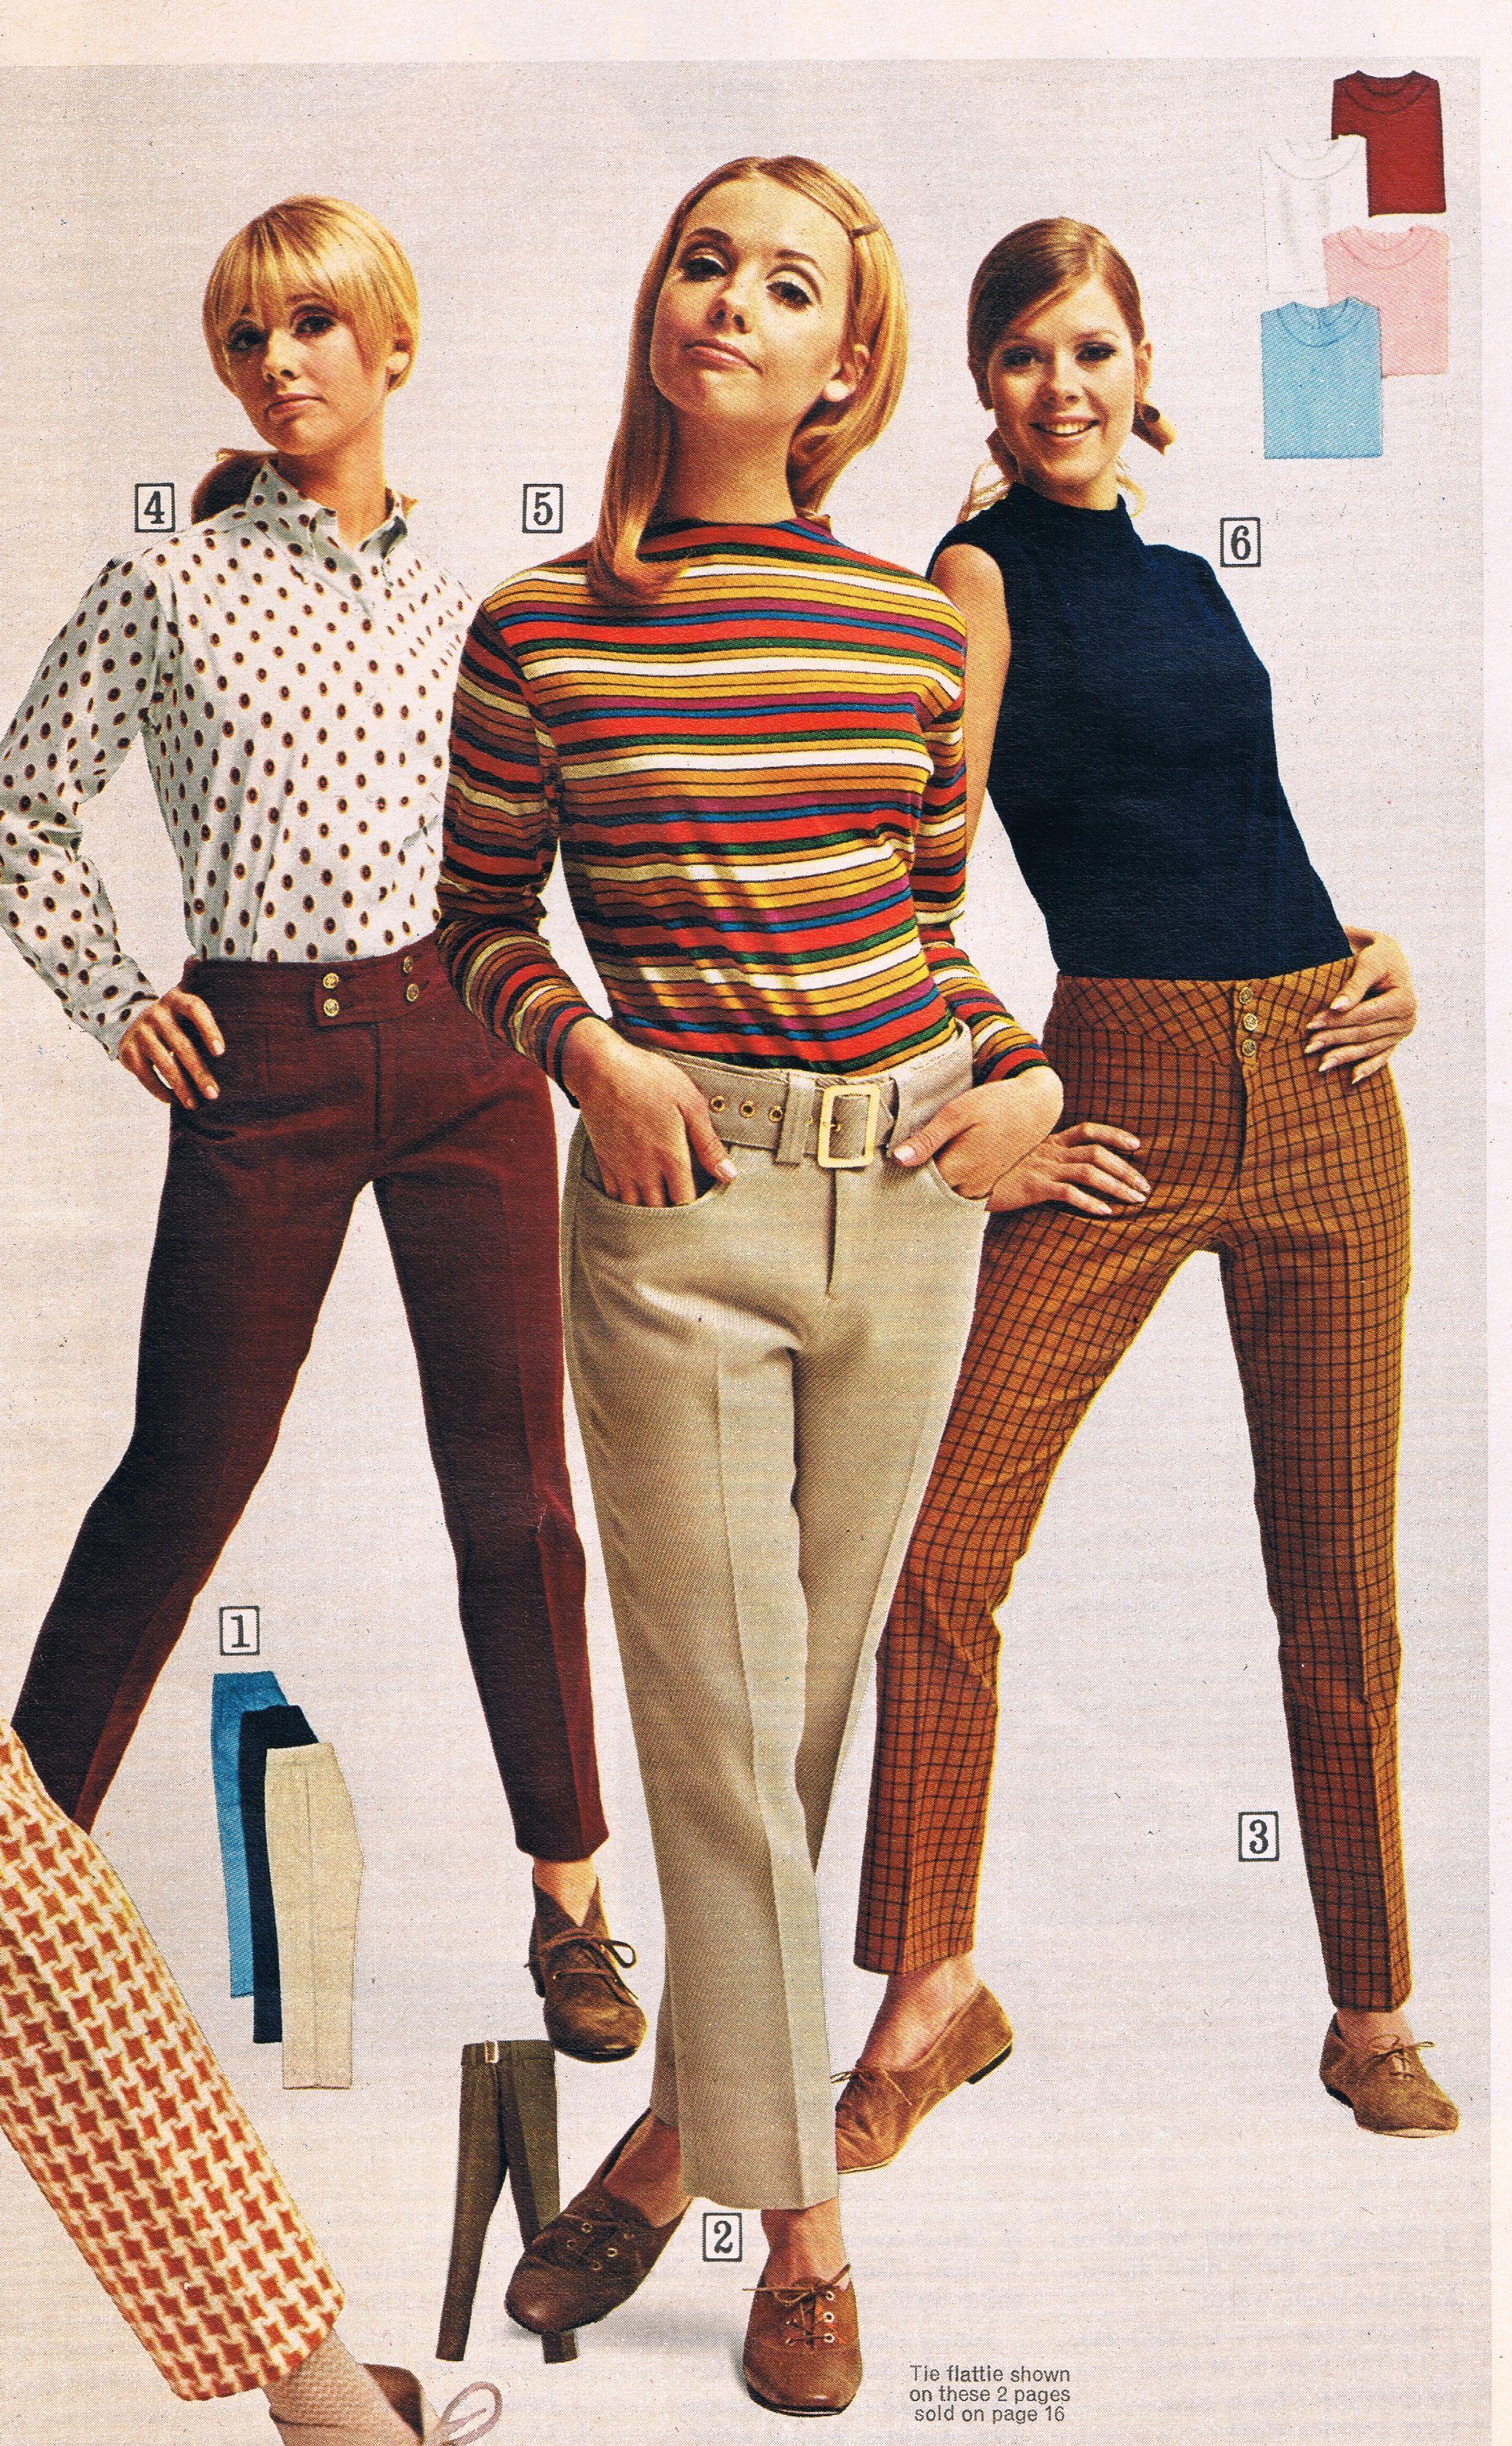 Imagen de un cátalogo de ropa de los años 60's